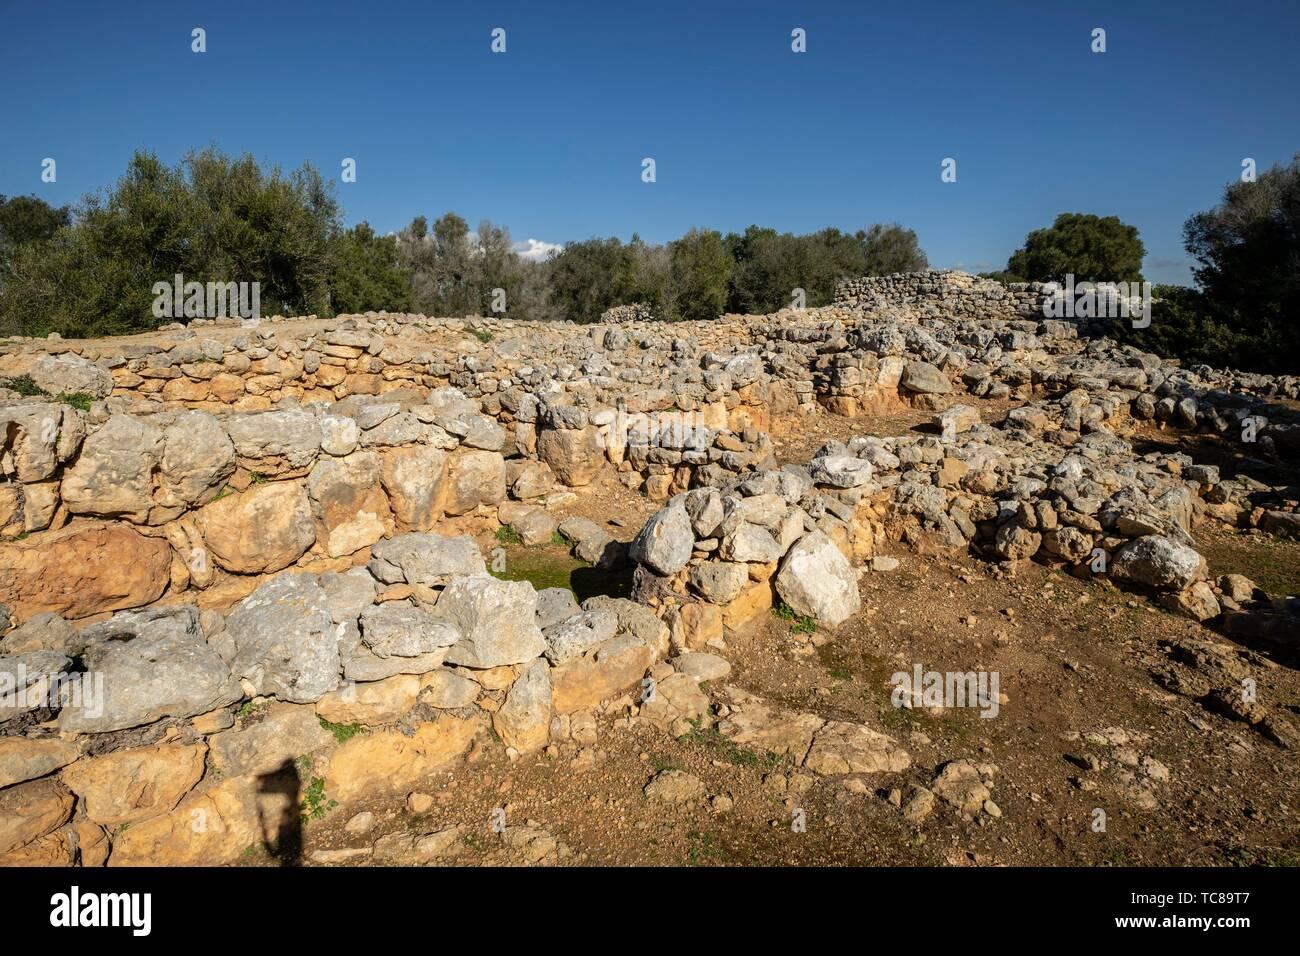 habitaciones rectangulares, conjunto prehistórico de Capocorb Vell, principios del primer milenio a. C. (Edad de Hierro), Monumento Histórico - Stock Image